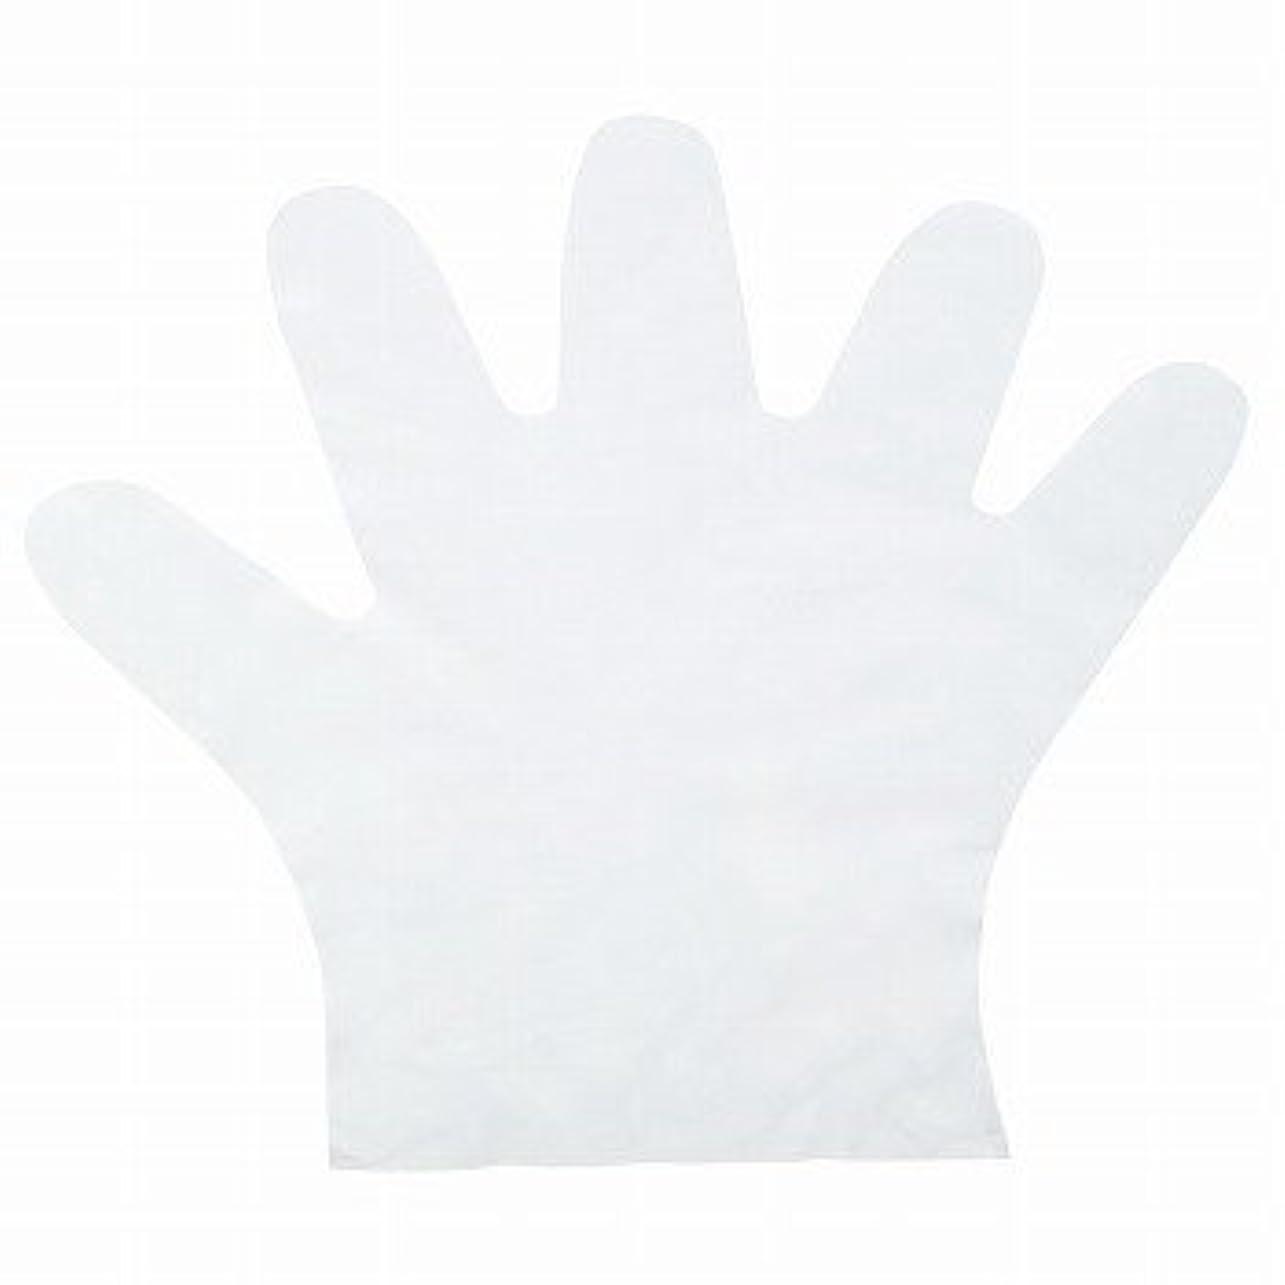 ラッドヤードキップリングアノイ気絶させるおたふく手袋/ポリエチディスポ(LD) 100枚入×50セット[総数5000枚]/品番:248 サイズ:S